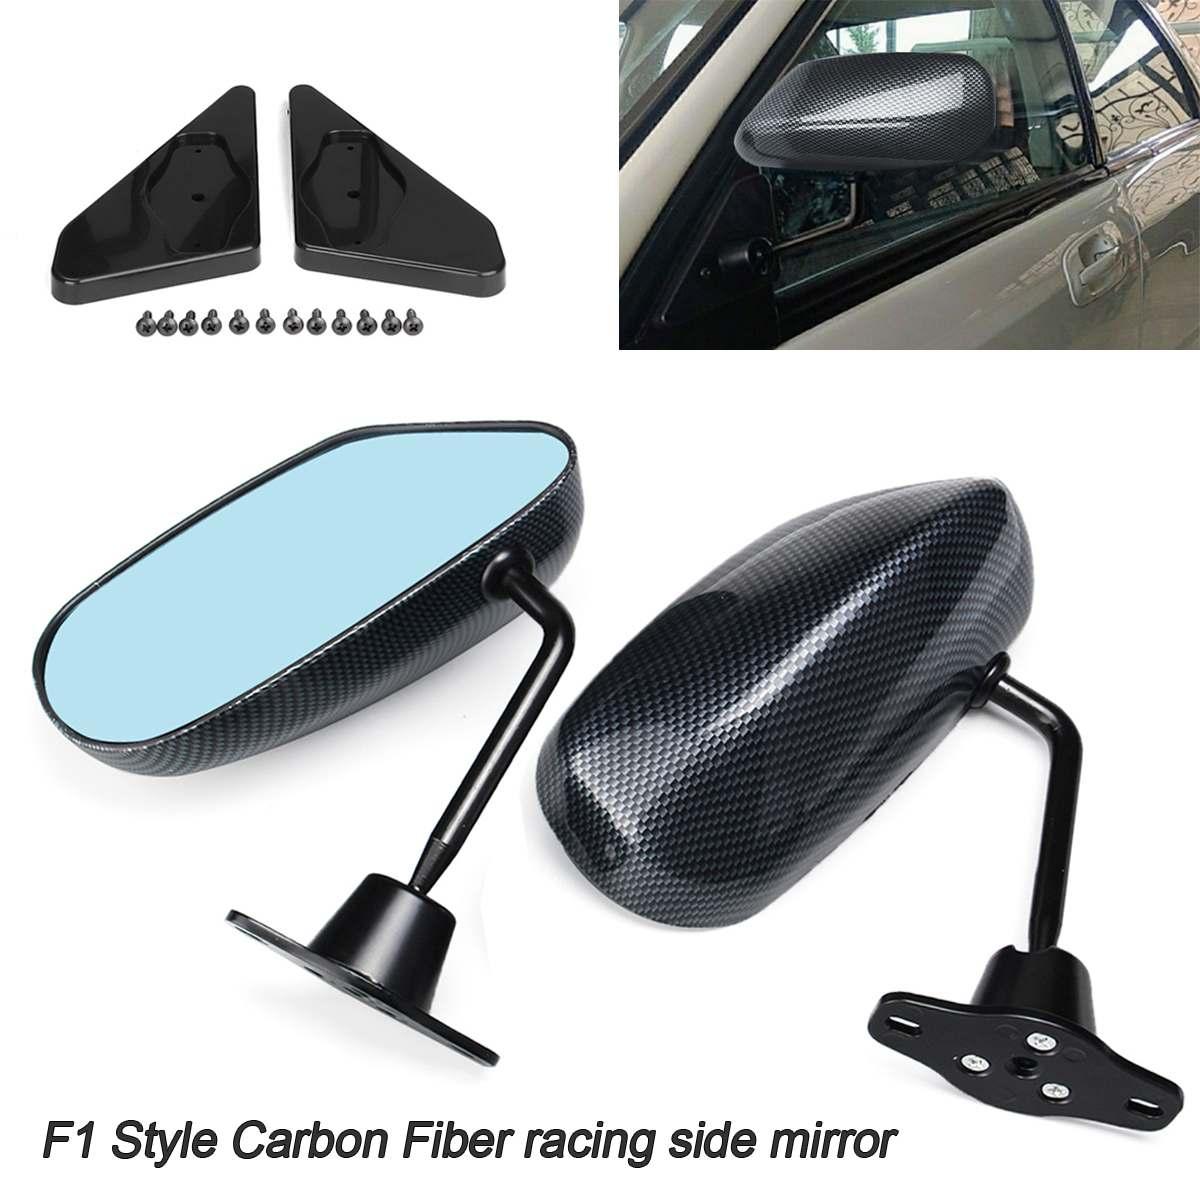 1 זוג אוניברסלי רכב סיבי פחמן מכוניות כחול מראה אחורית F1 פחמן מבט מרוצים צד מראה זכוכית & רחב זווית מתכת סוגר